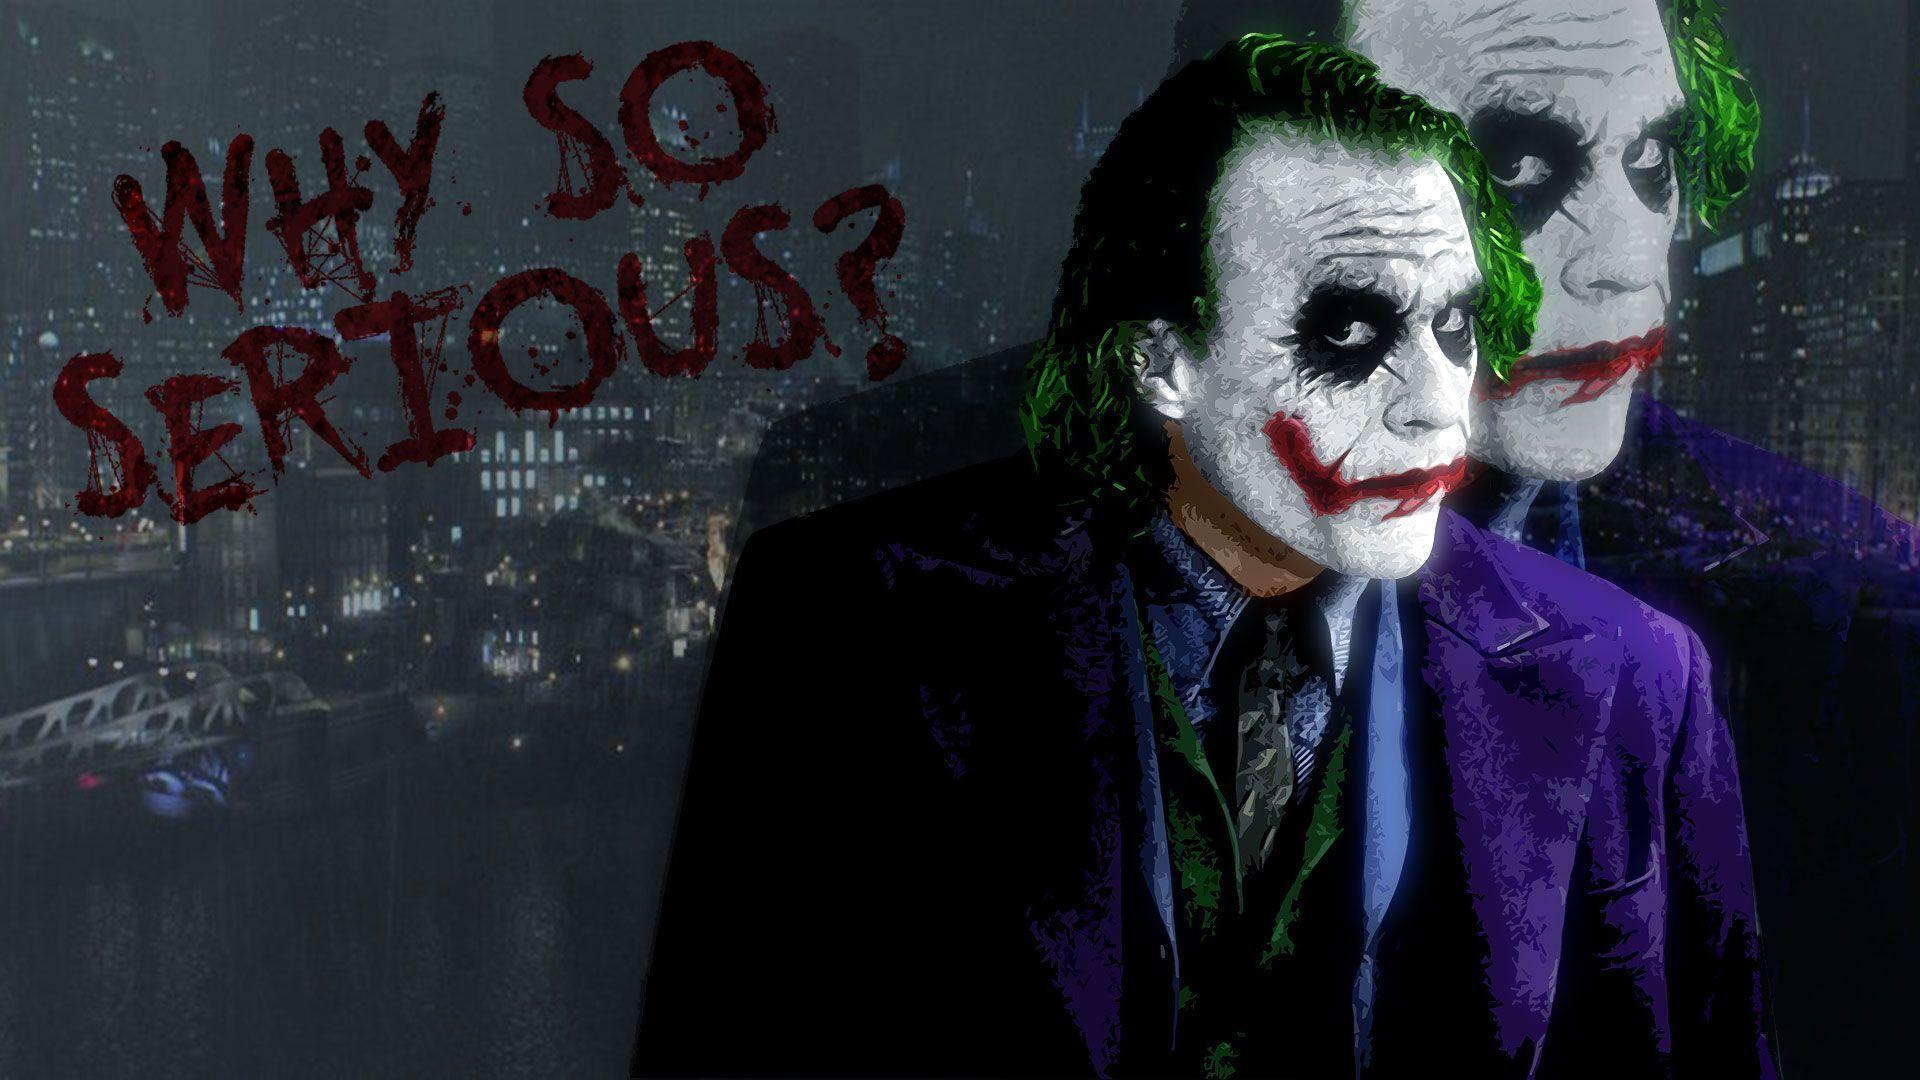 Batman Joker Wallpapers 1920x1080